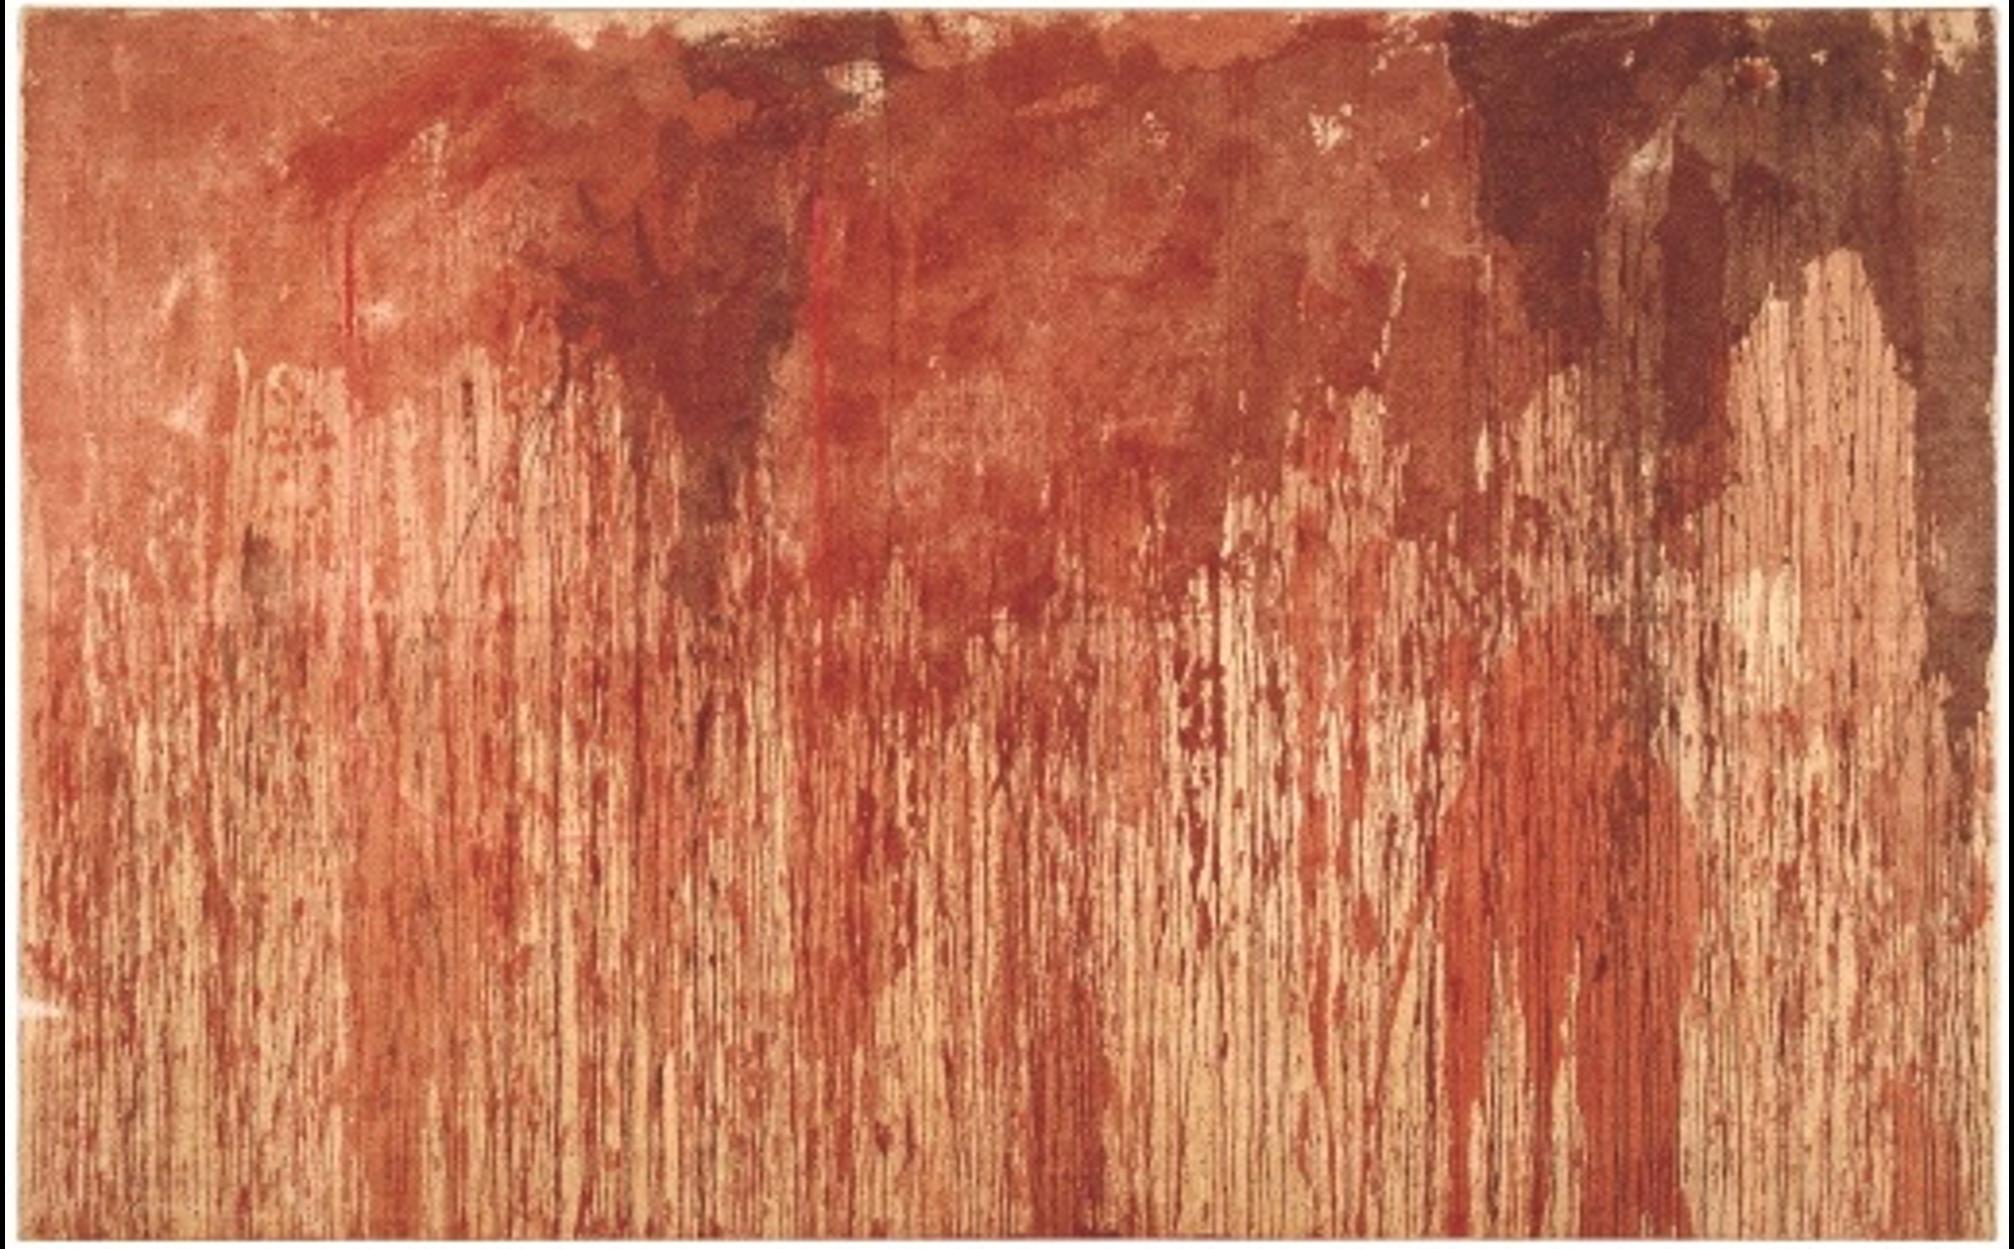 peinture actionniste Hermann Nitsch